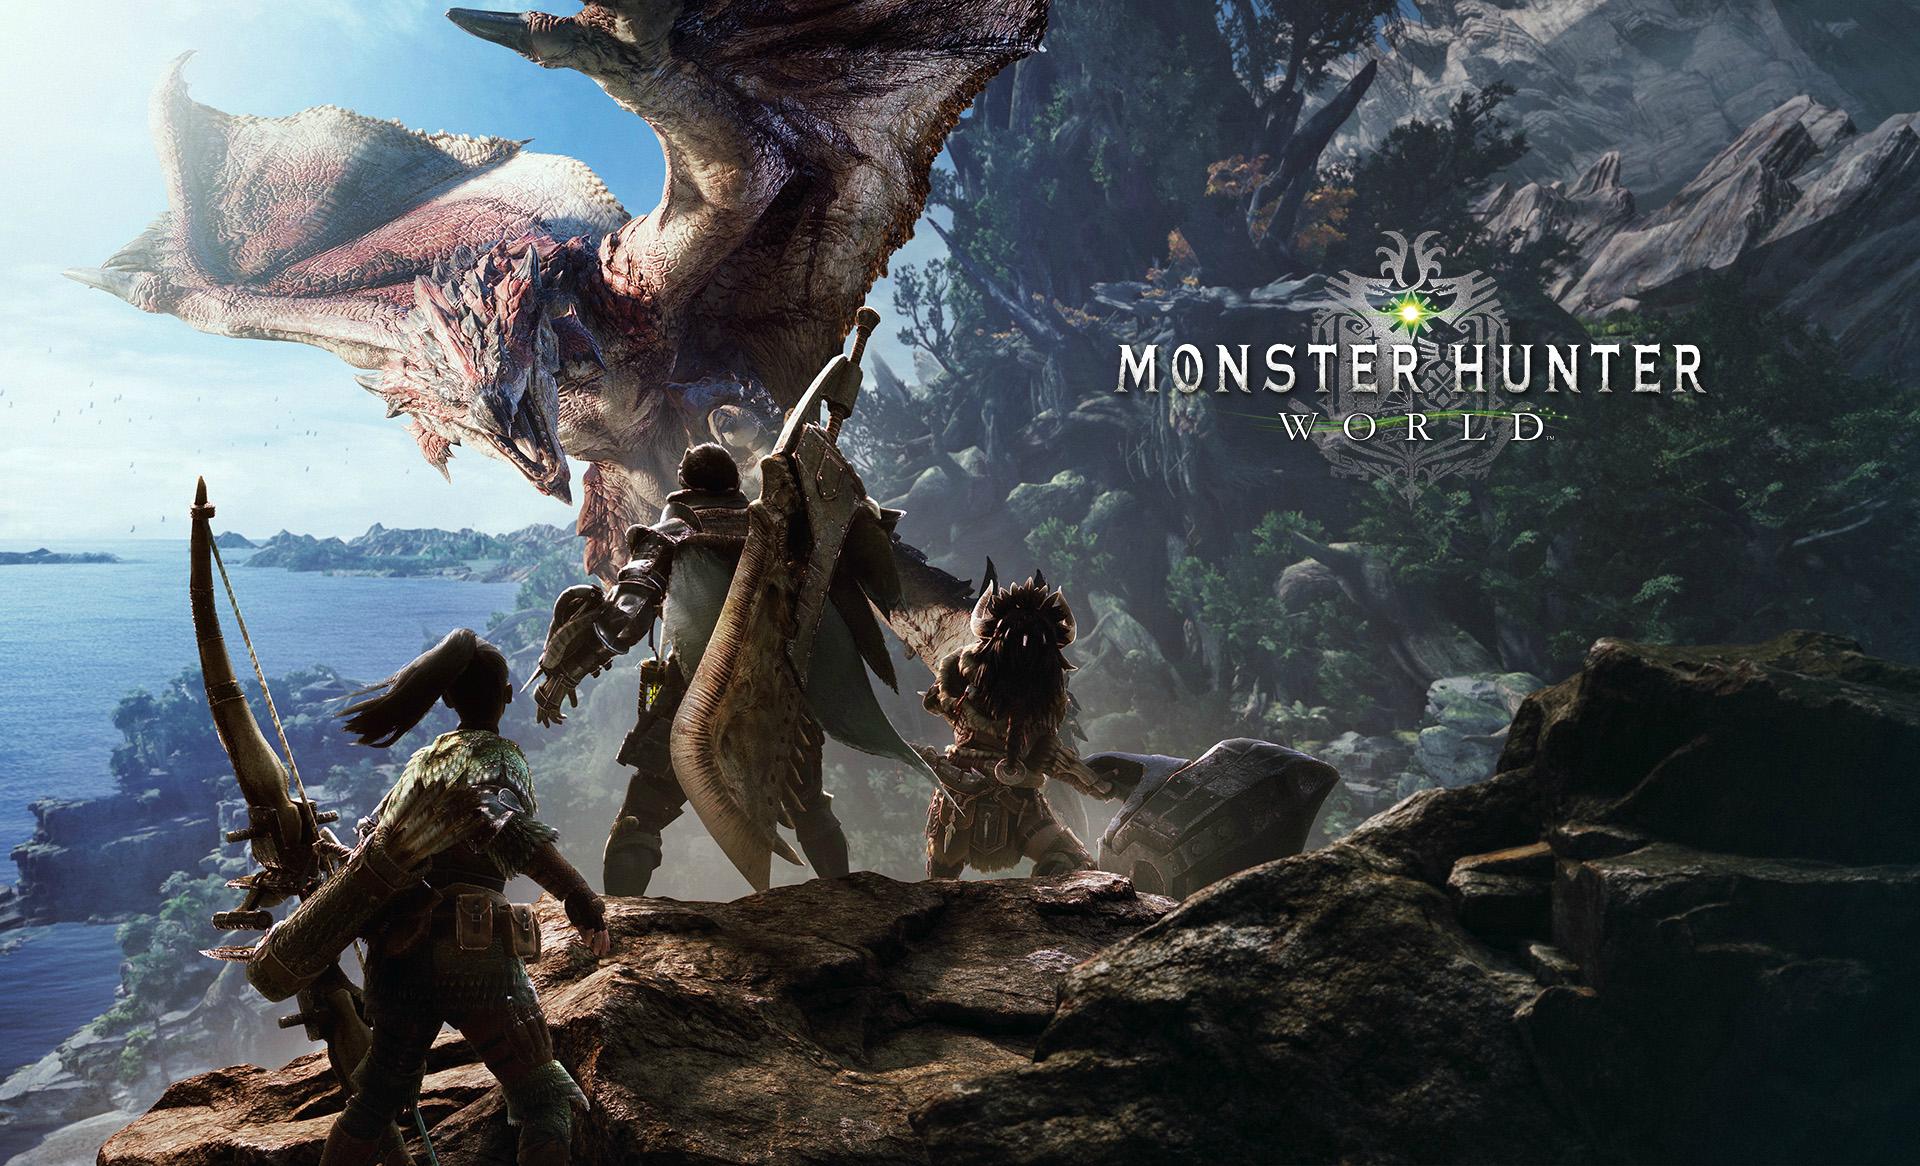 Monster Hunter World HD wallpaper MonsterHunter 1920x1166